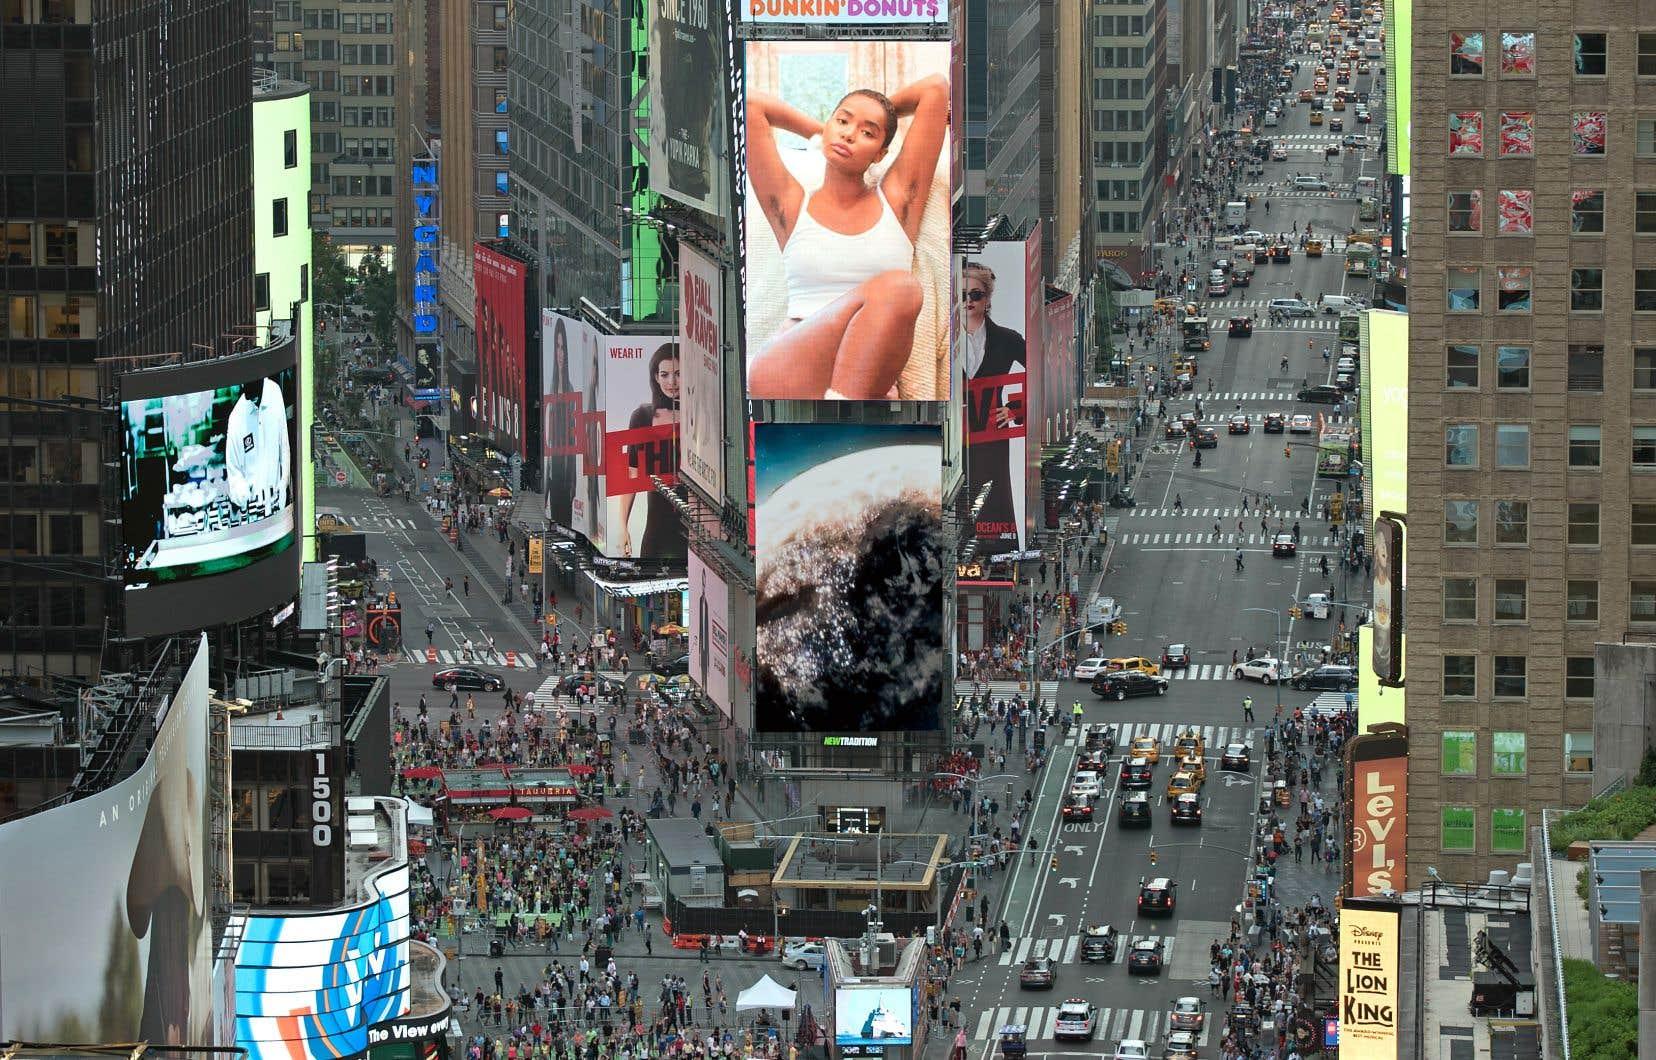 La compagnie Billie a lancé sa campagne publicitaire de rasoirs sur Times Square à New York.